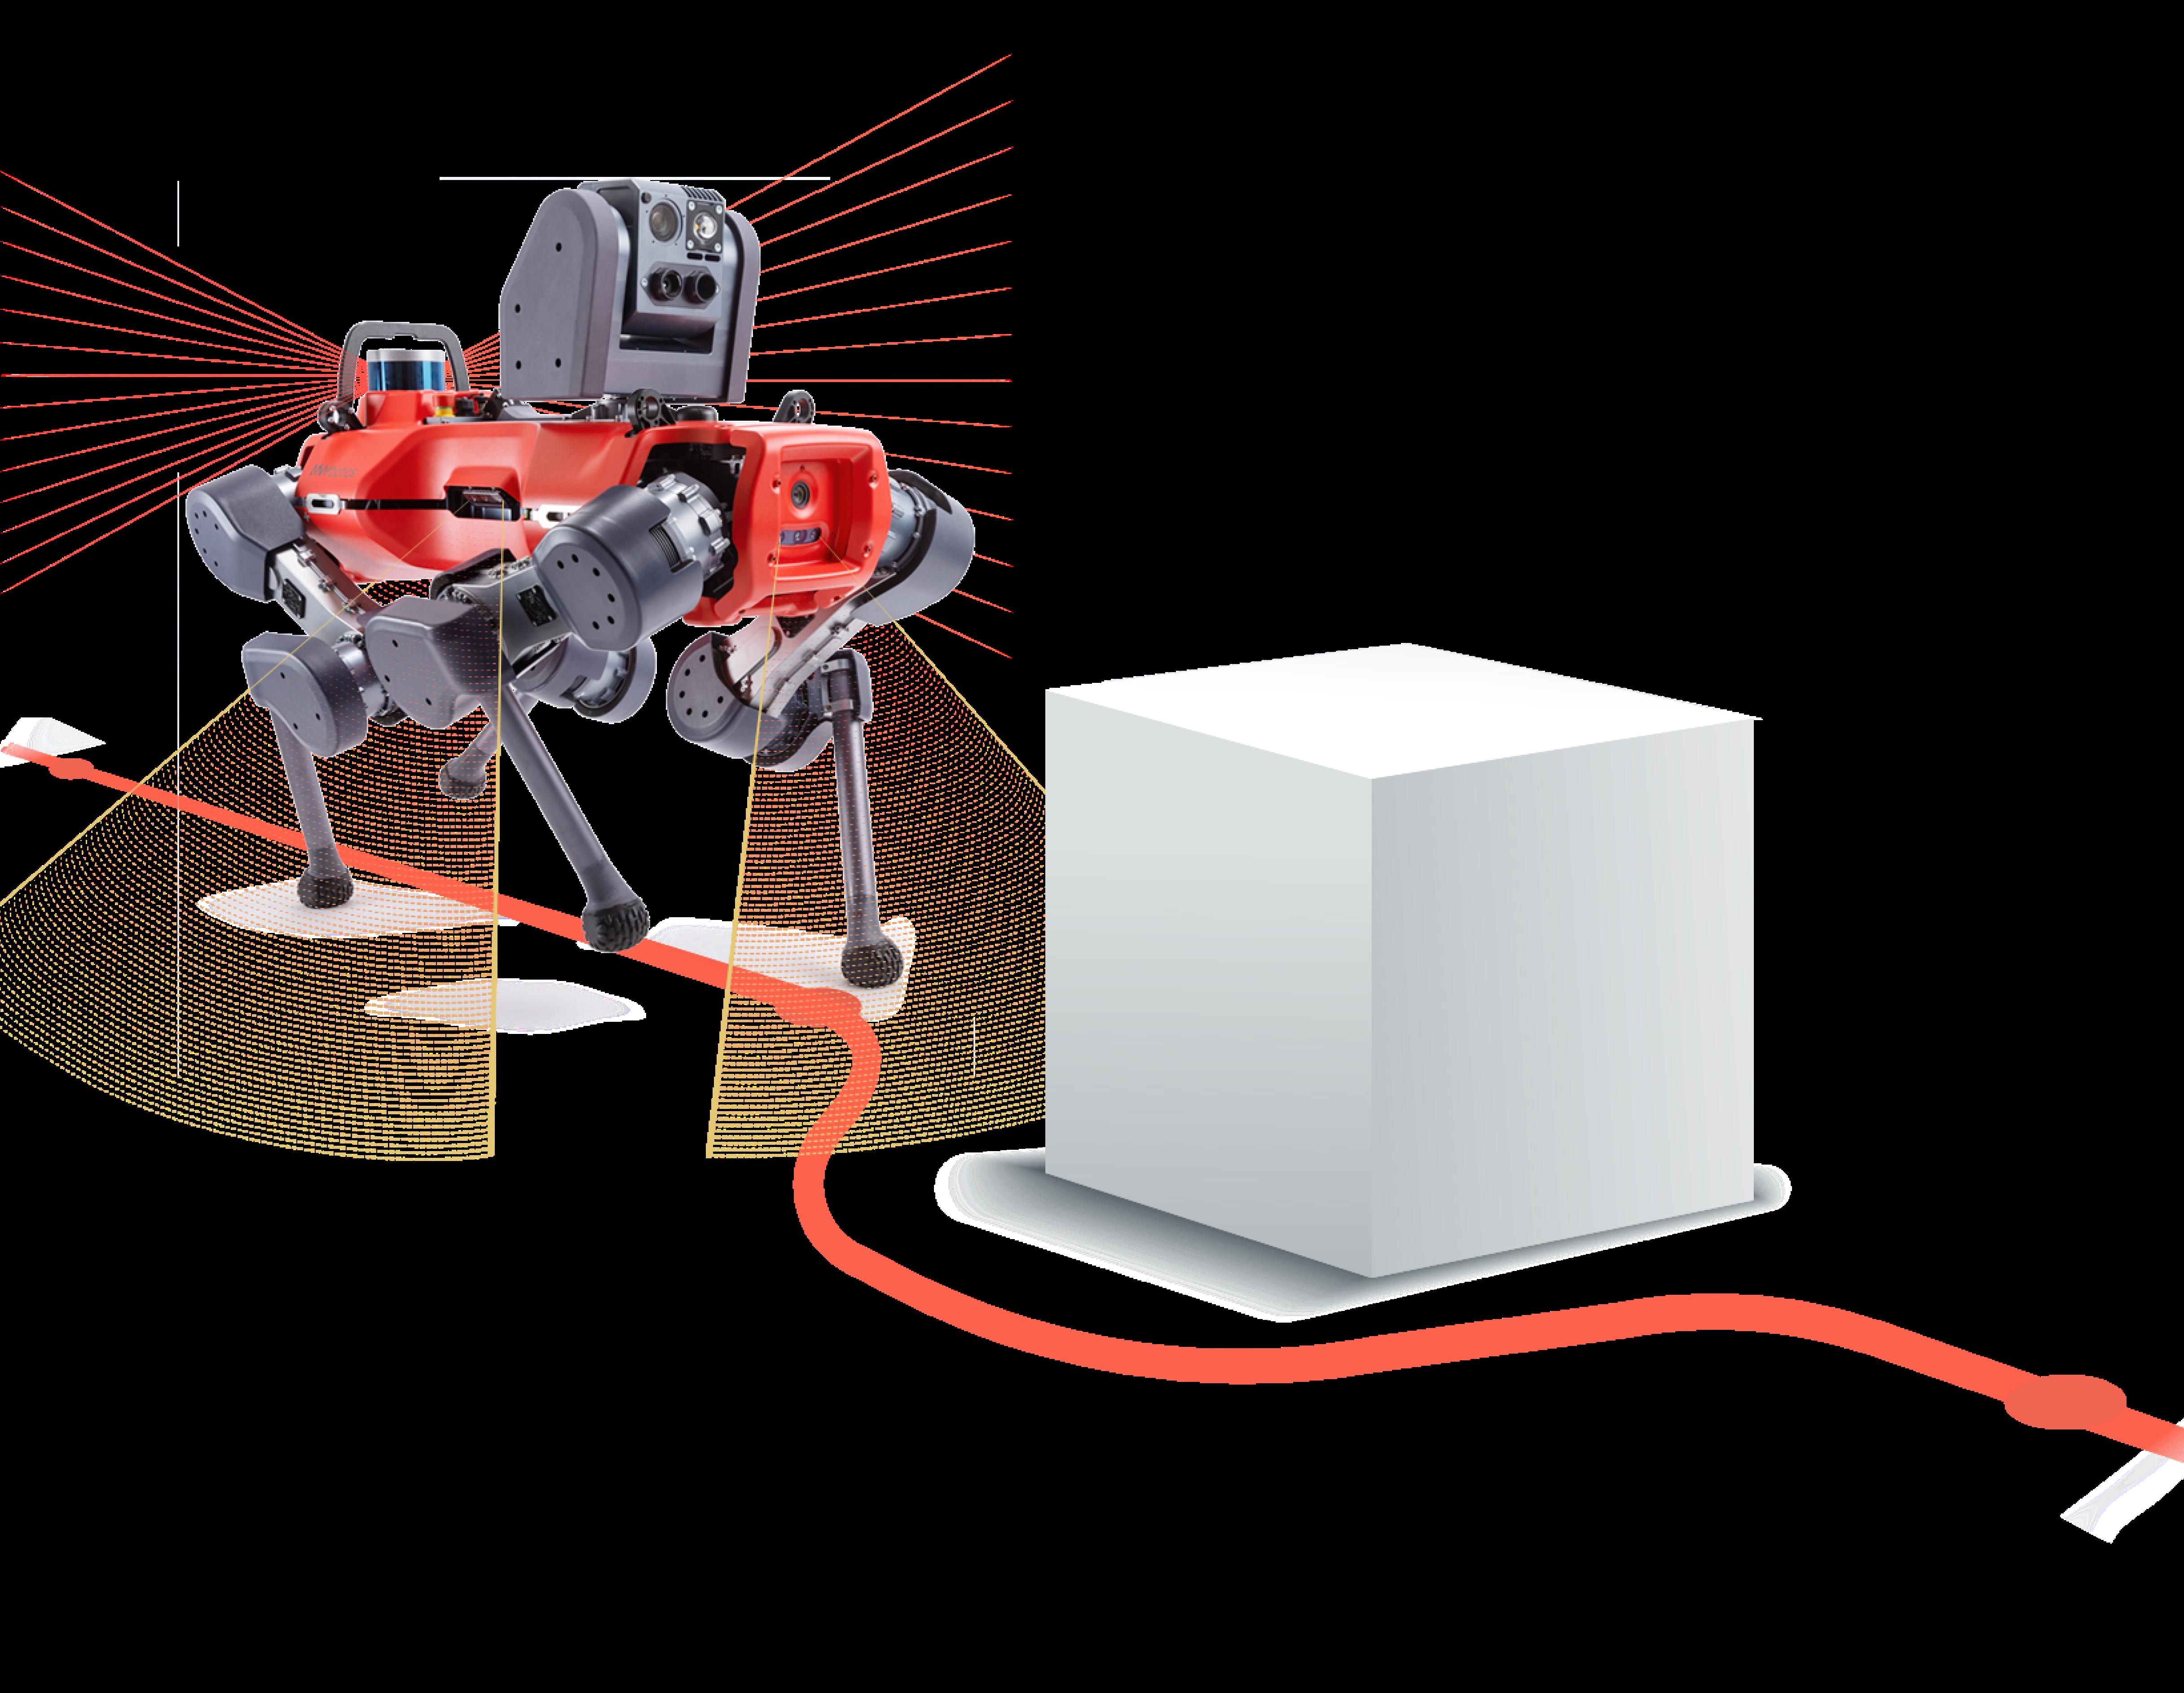 ANYbotics autonomy